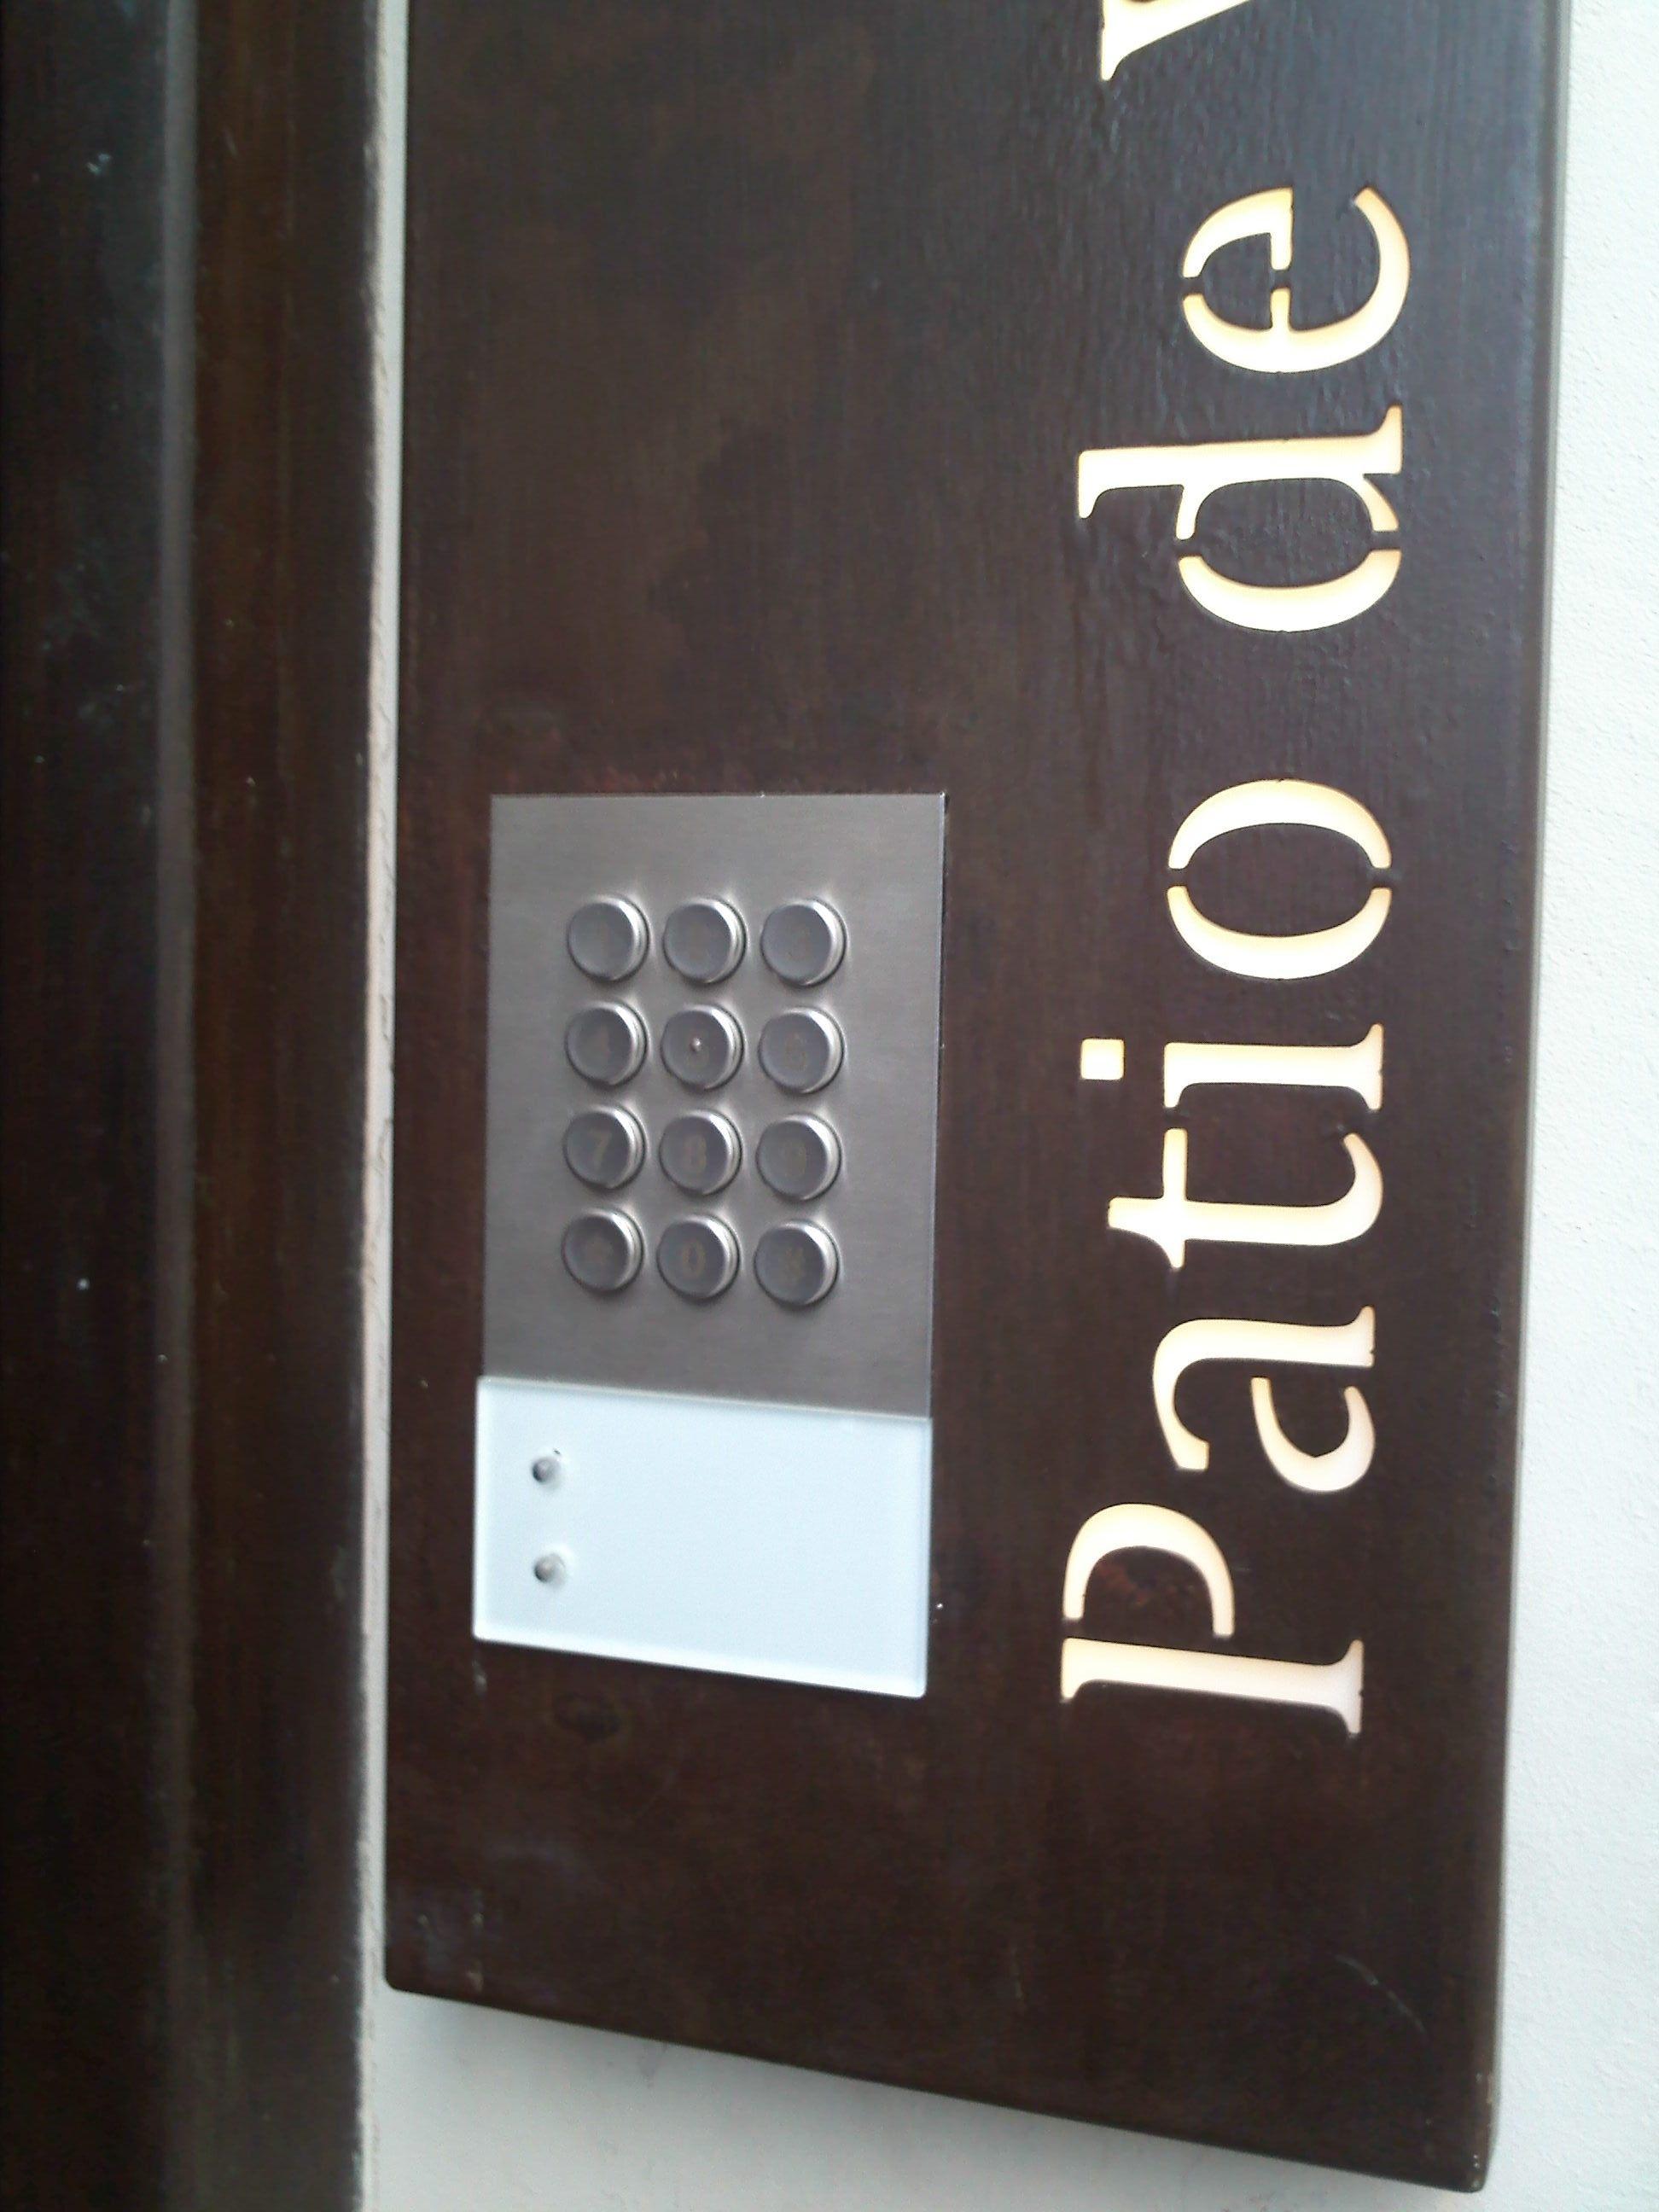 Cerradura electr nica hoteles con control de presencia grupo lda - Cerraduras electronicas para casa ...